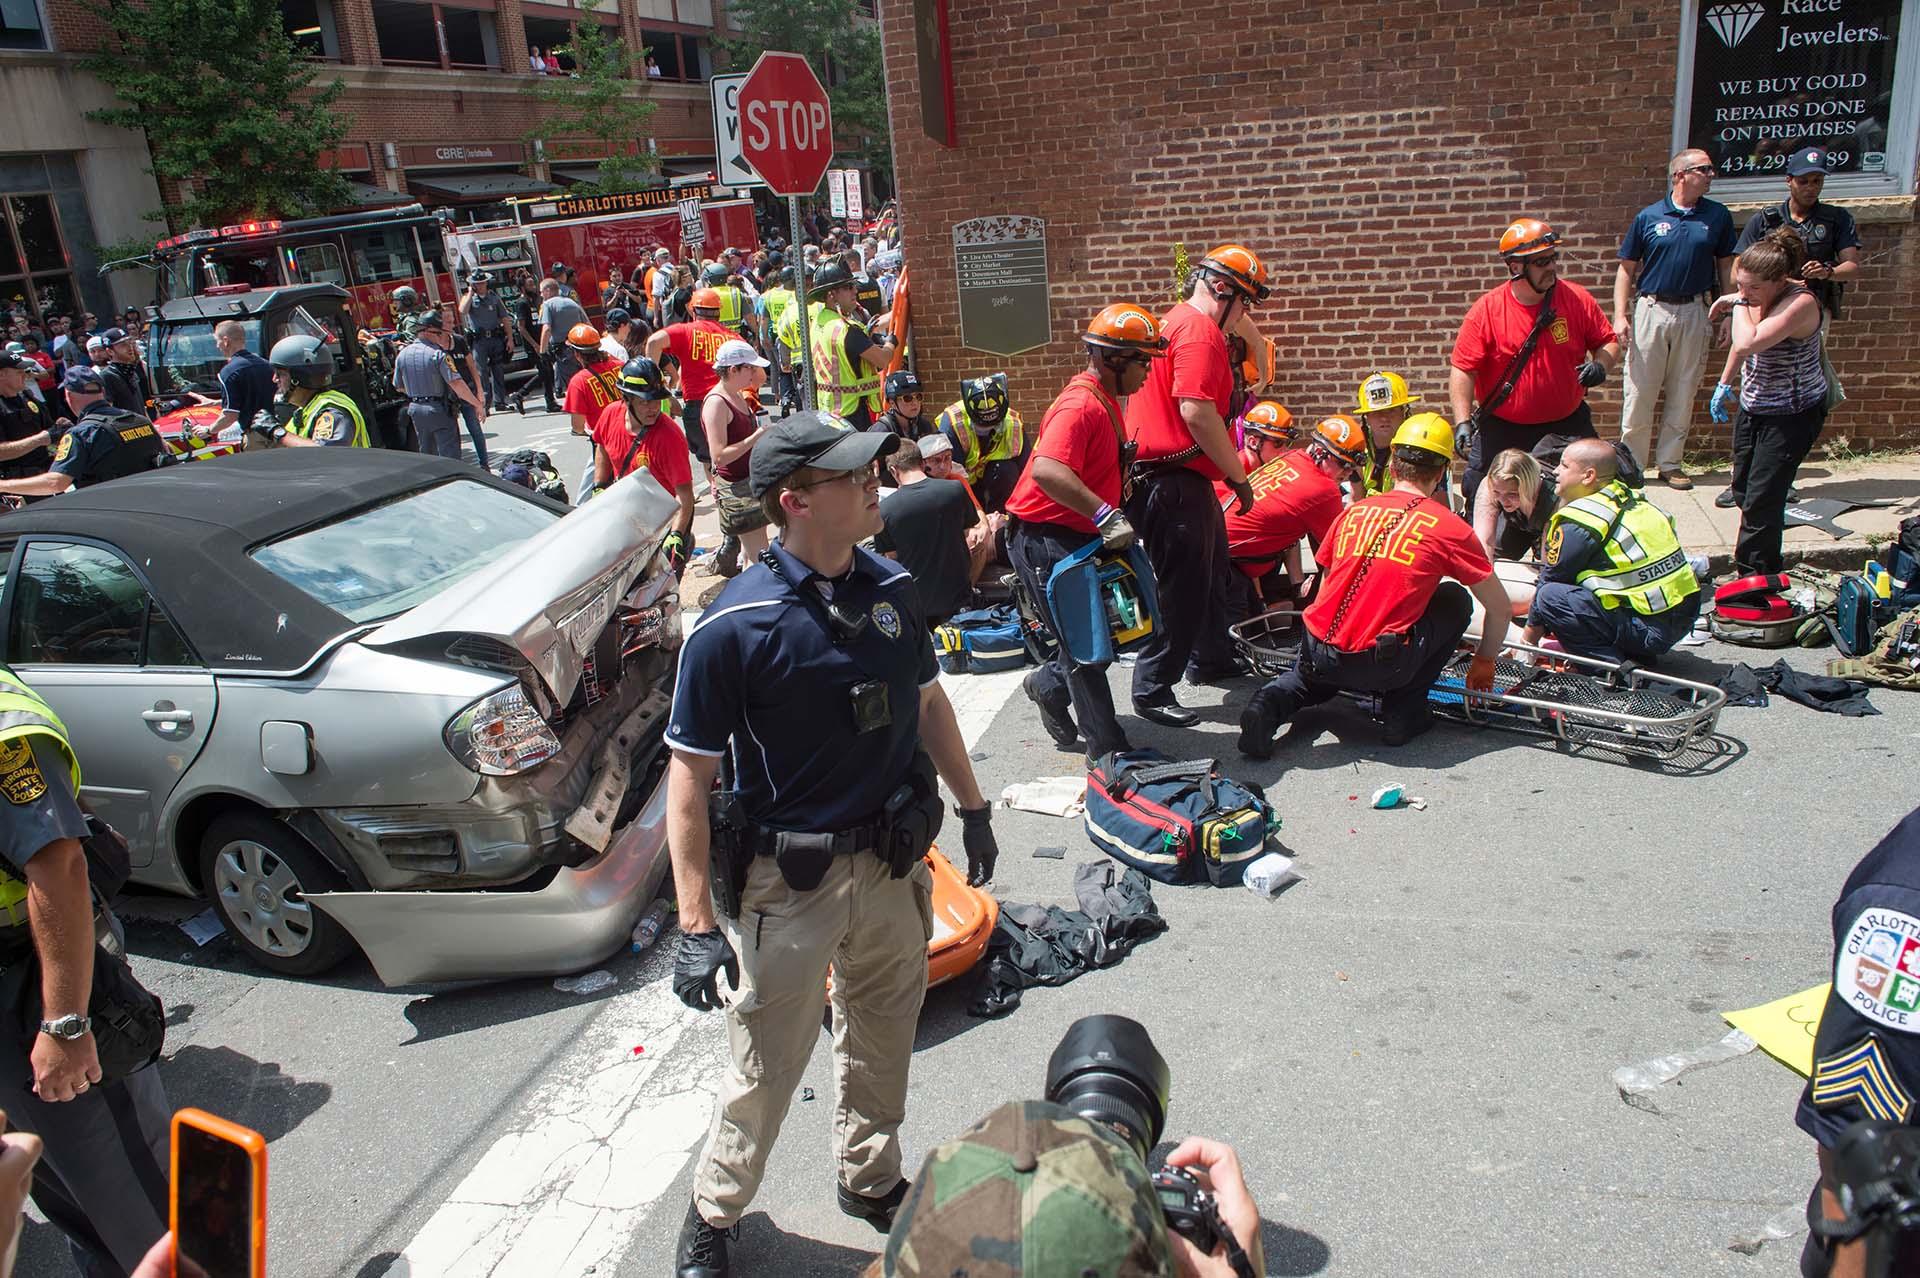 Servicios de emergencia atienden a los heridos por la arremetida de un auto contra peatones